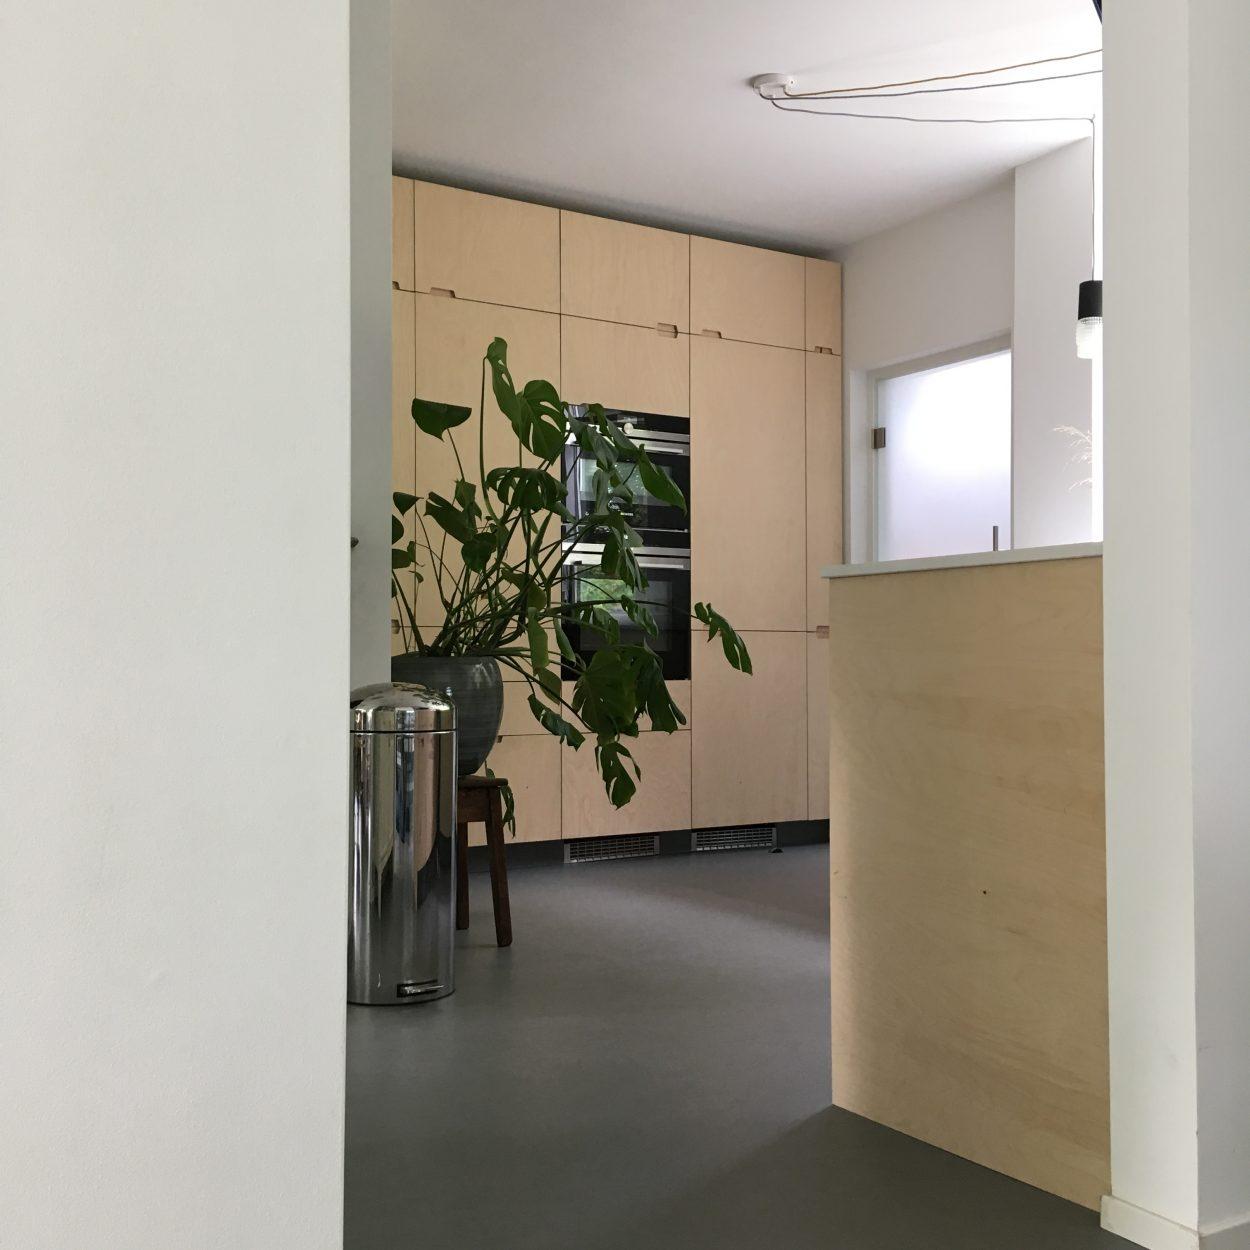 Keukenrenovatie - wit, grijs, berken en rvs als kleurenpallet